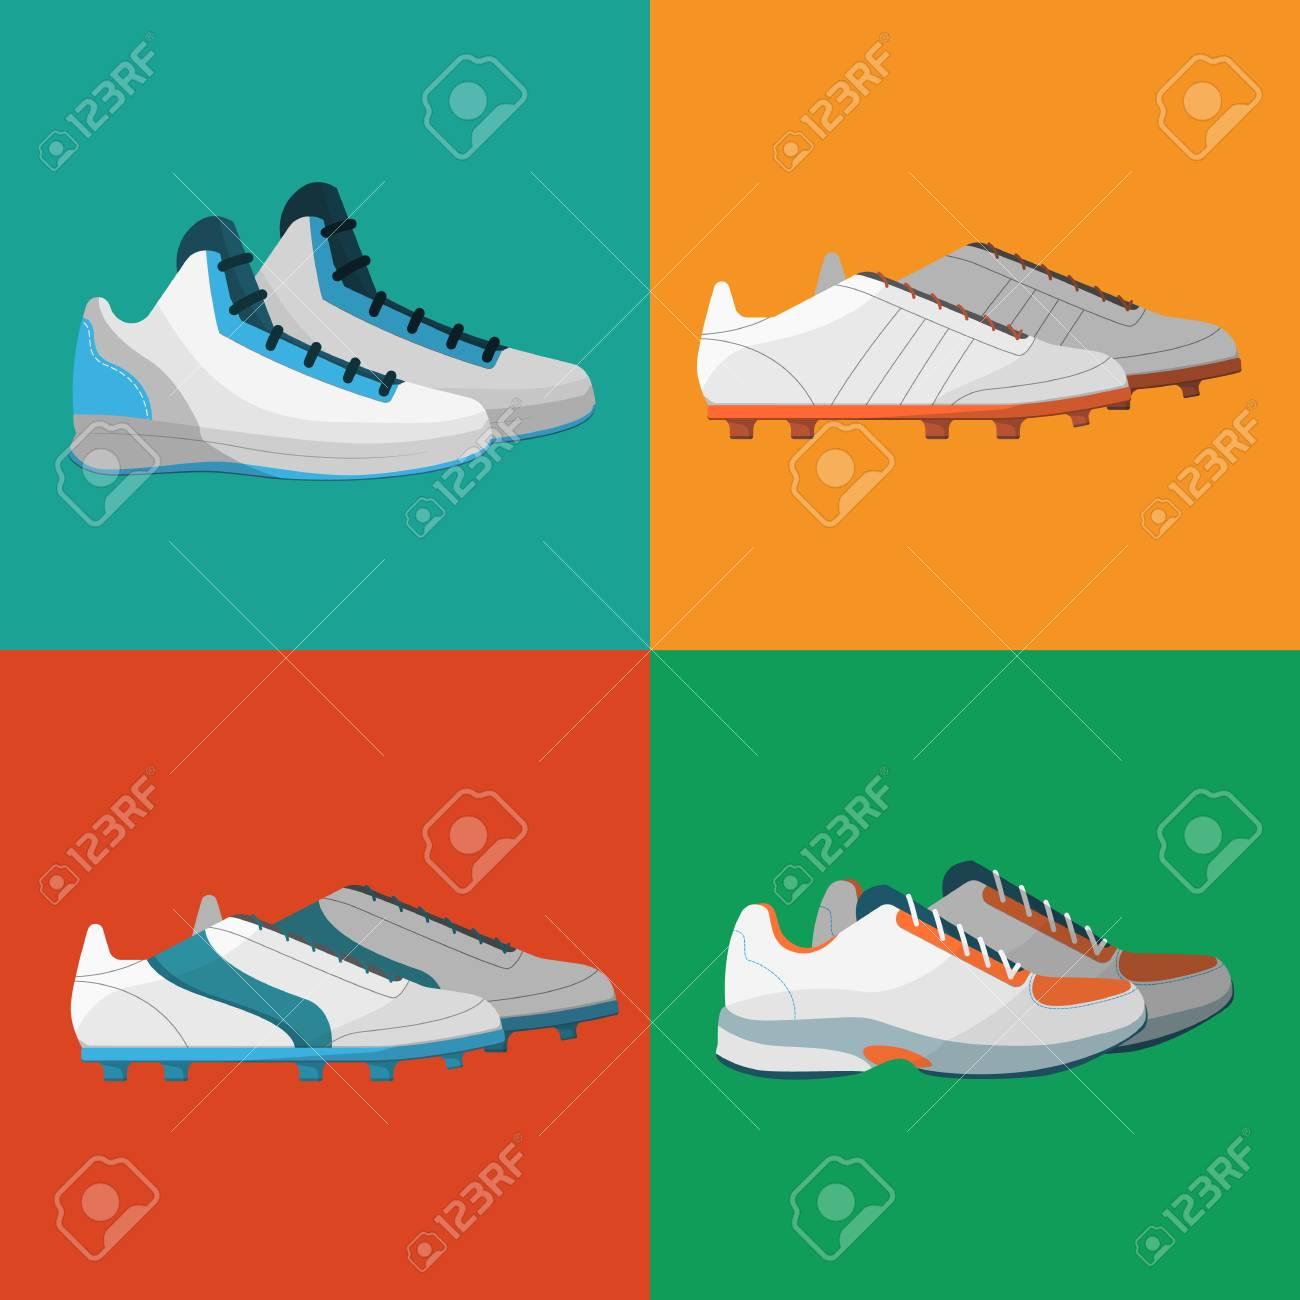 Deporte Zapatos De Ilustración Iconos ConjuntoVarios Vectorial PkZuXi